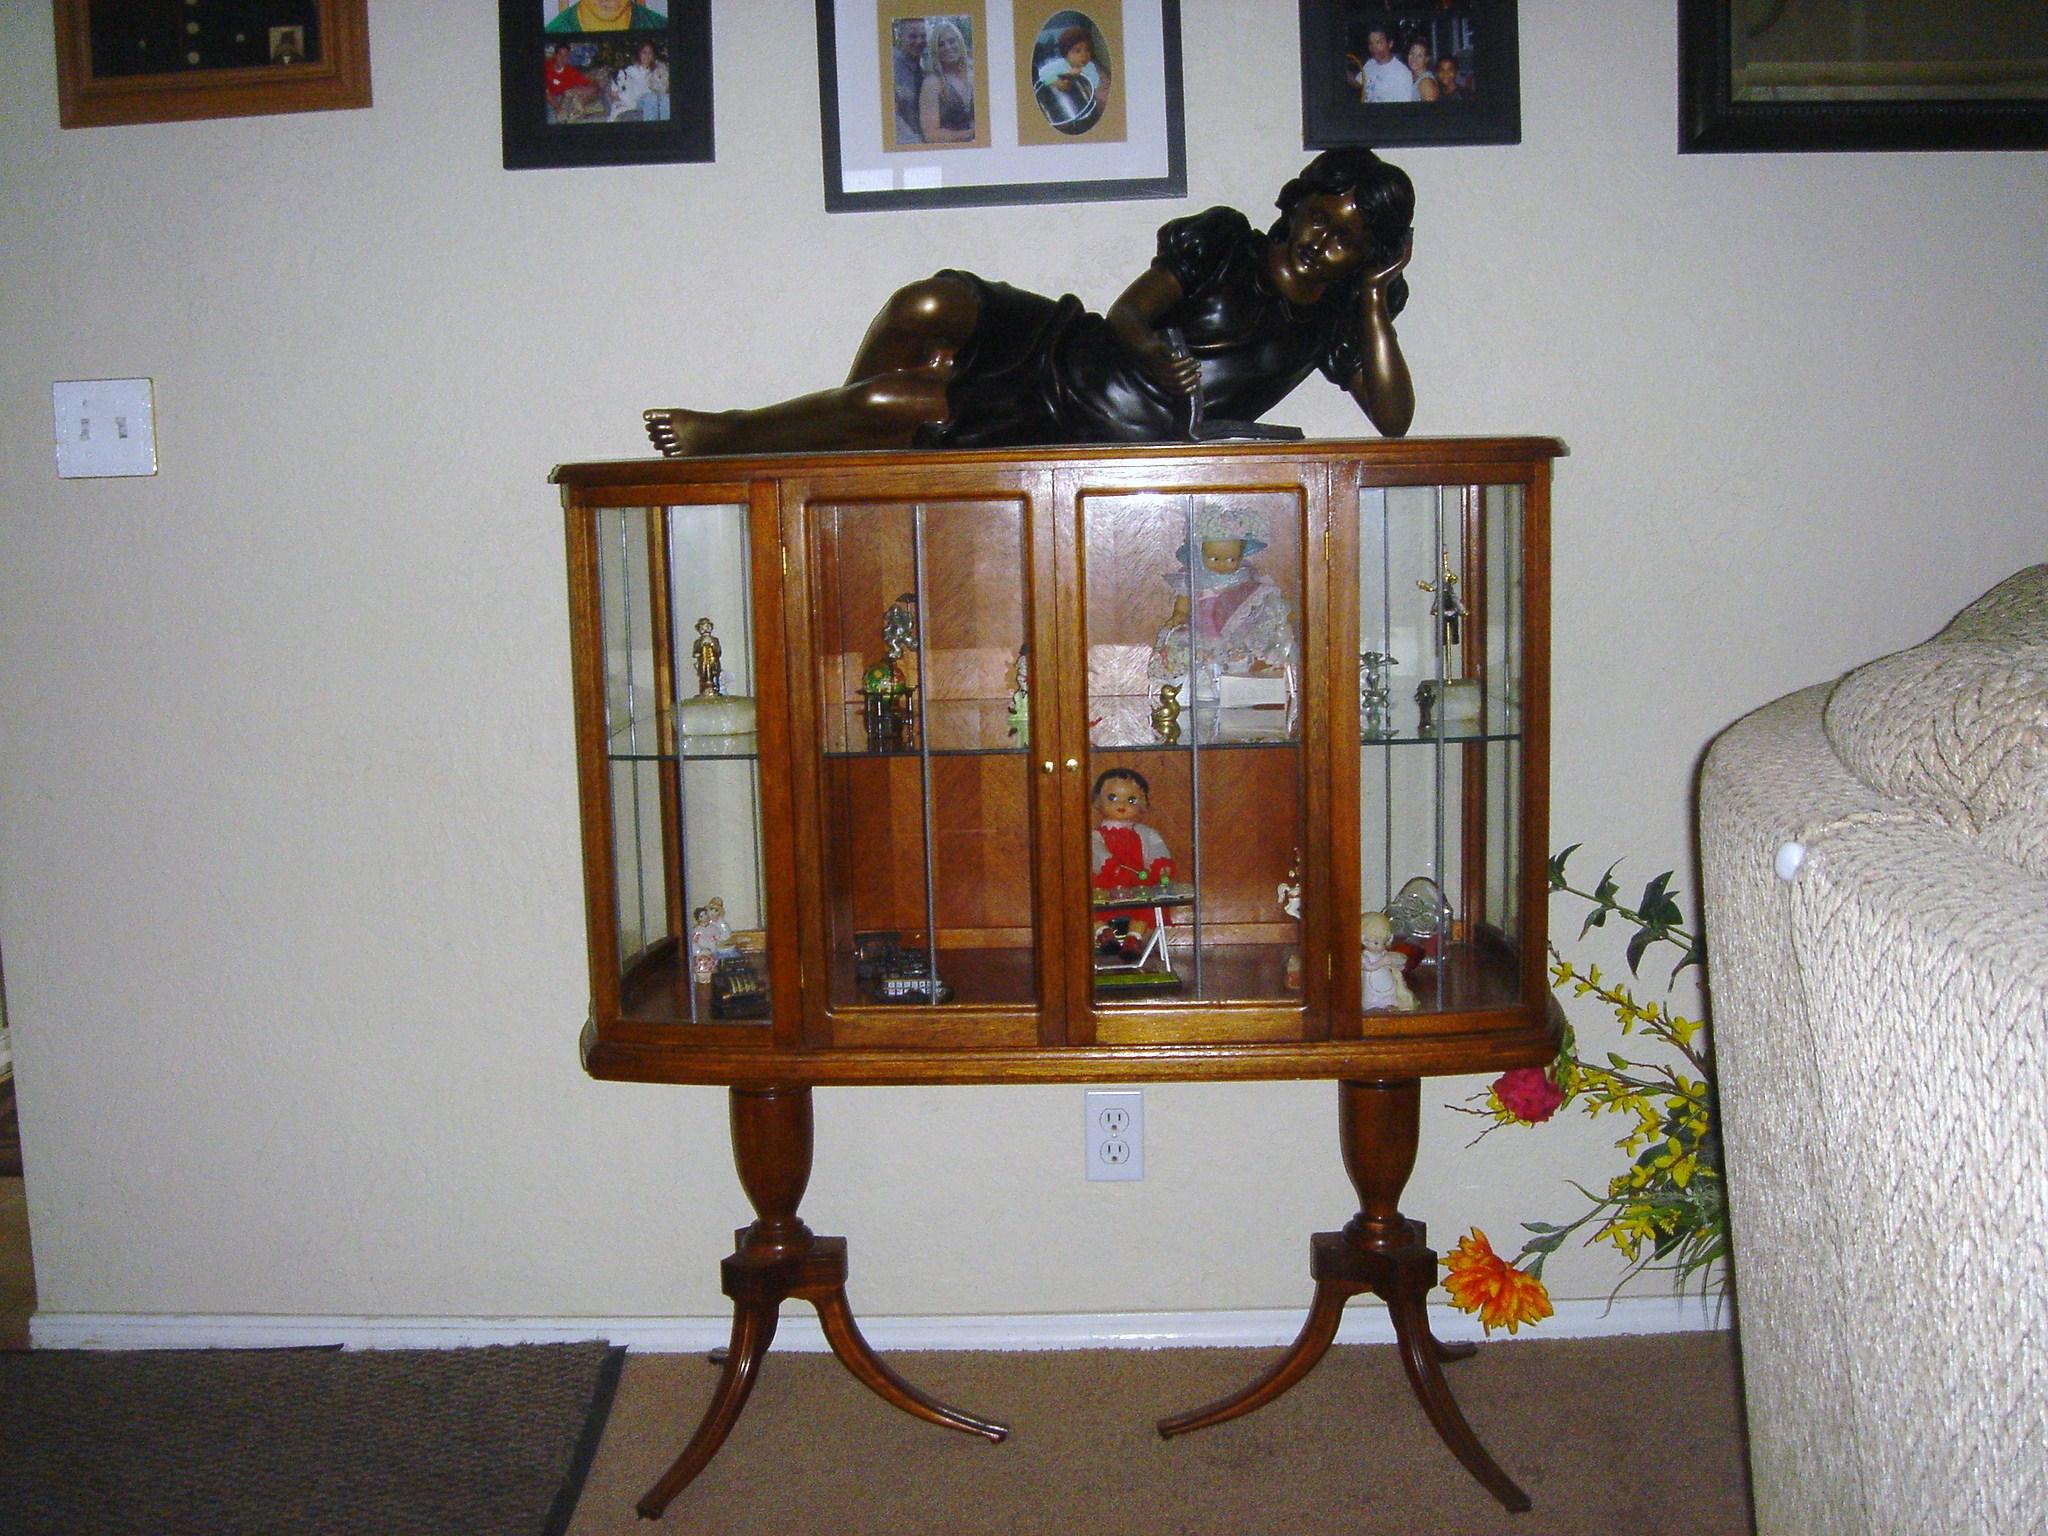 Unique Curio Cabinet For Sale Antiques Com Classifieds